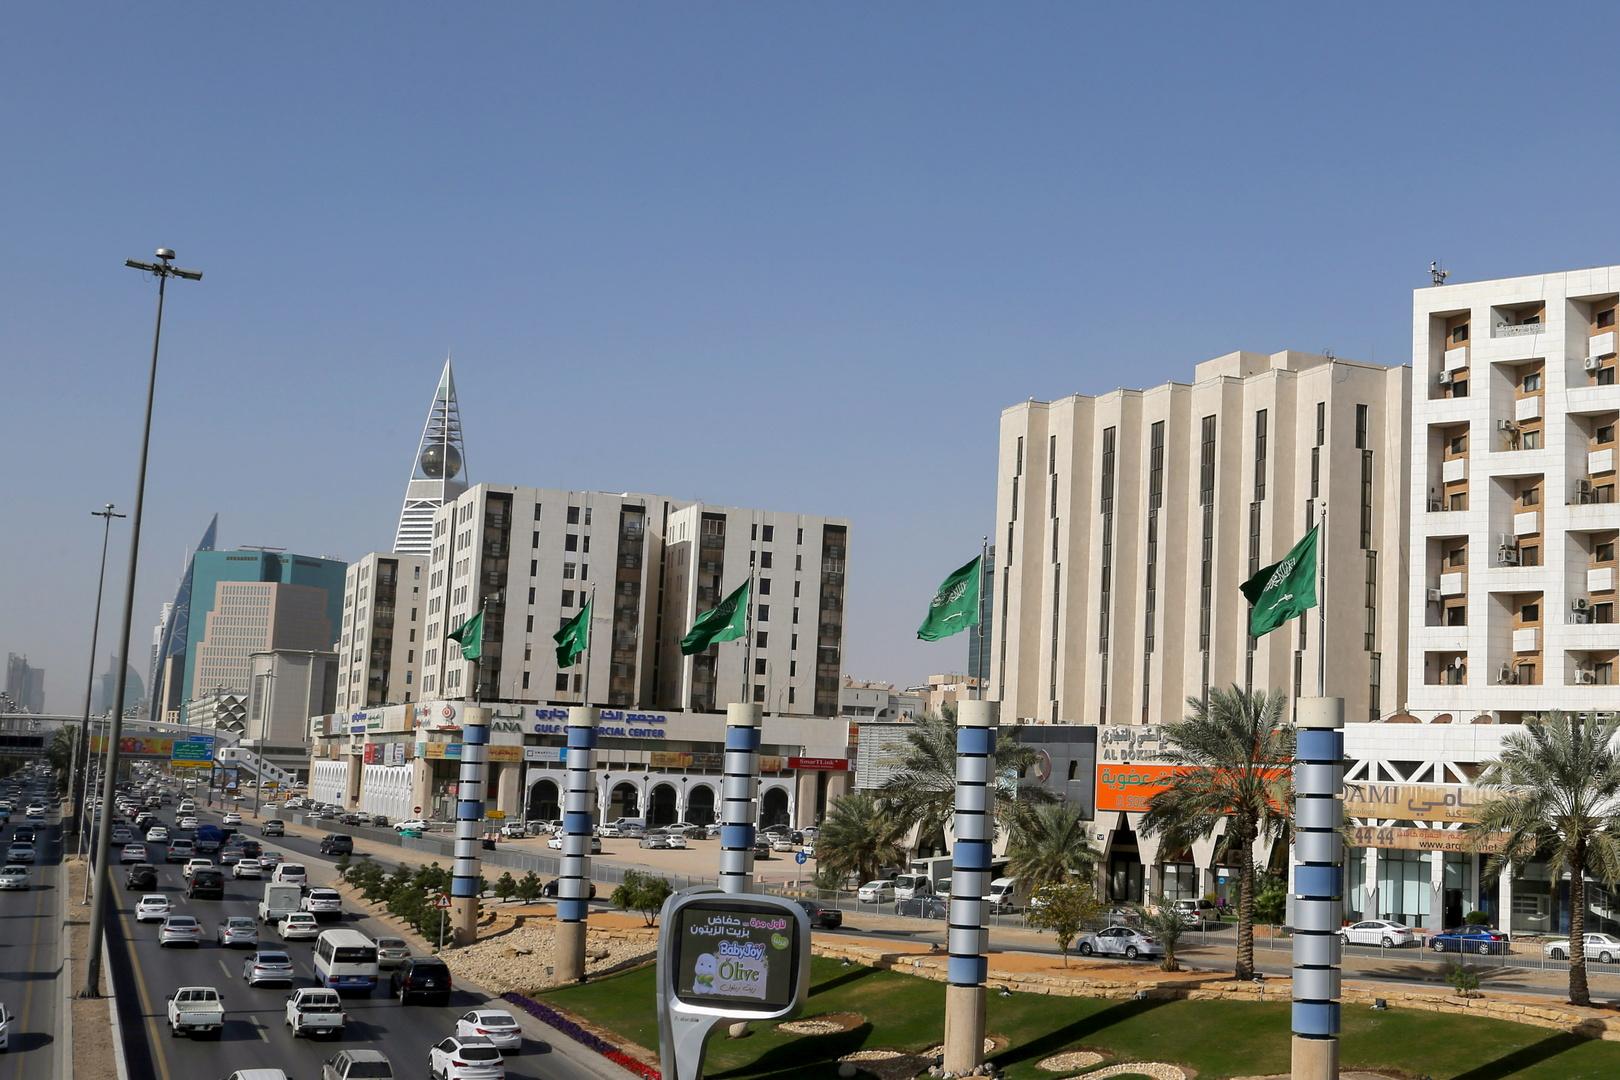 بدءا من اليوم.. السعودية تلغي تدريجيا إجراءات الحجر الصحي لمكافحة كورونا